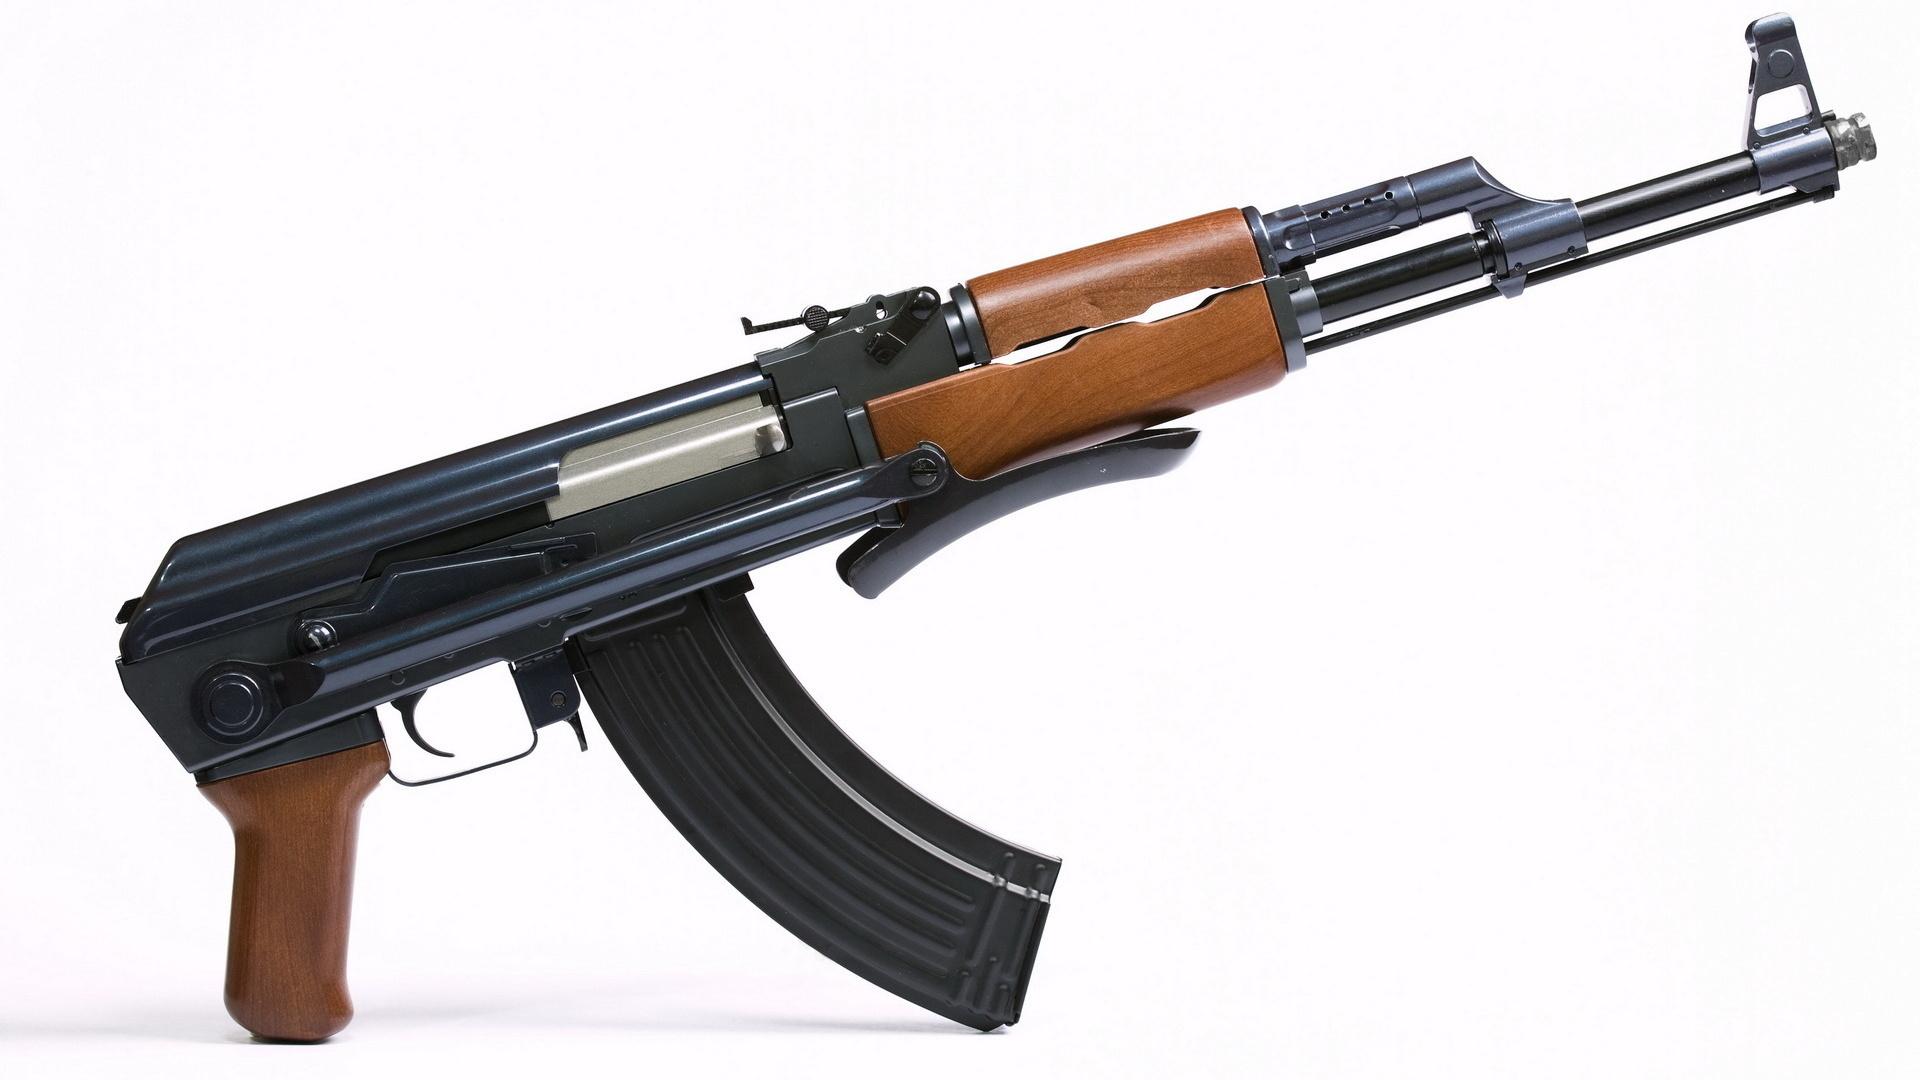 Kalashnikov Ak 47 Weapon Gun Military Rifle R Wallpaper 1920x1080